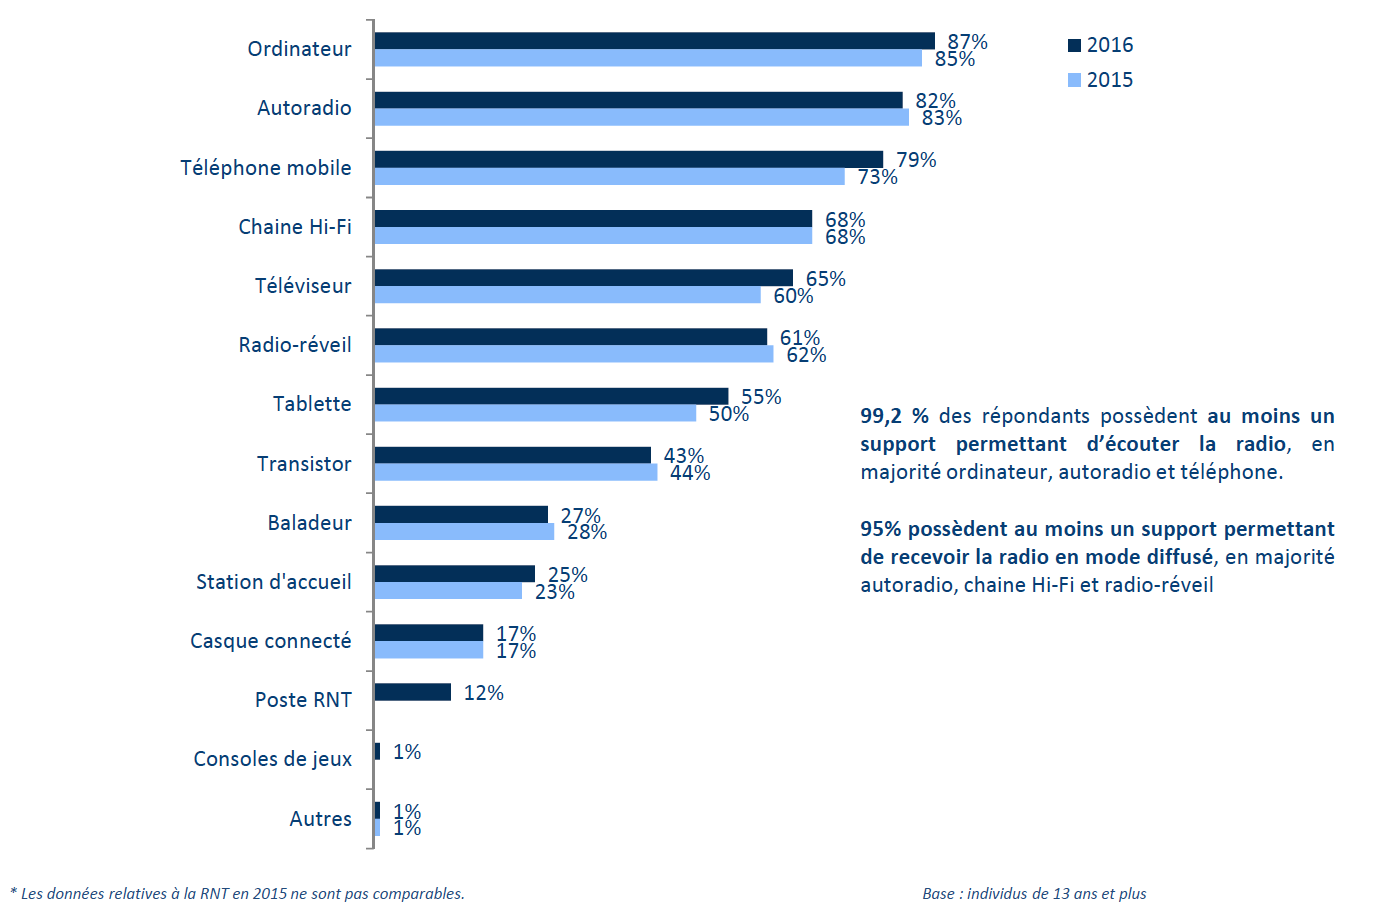 99,2 % des individus possèdent au moins un support permettant d'écouter la radio © CSA